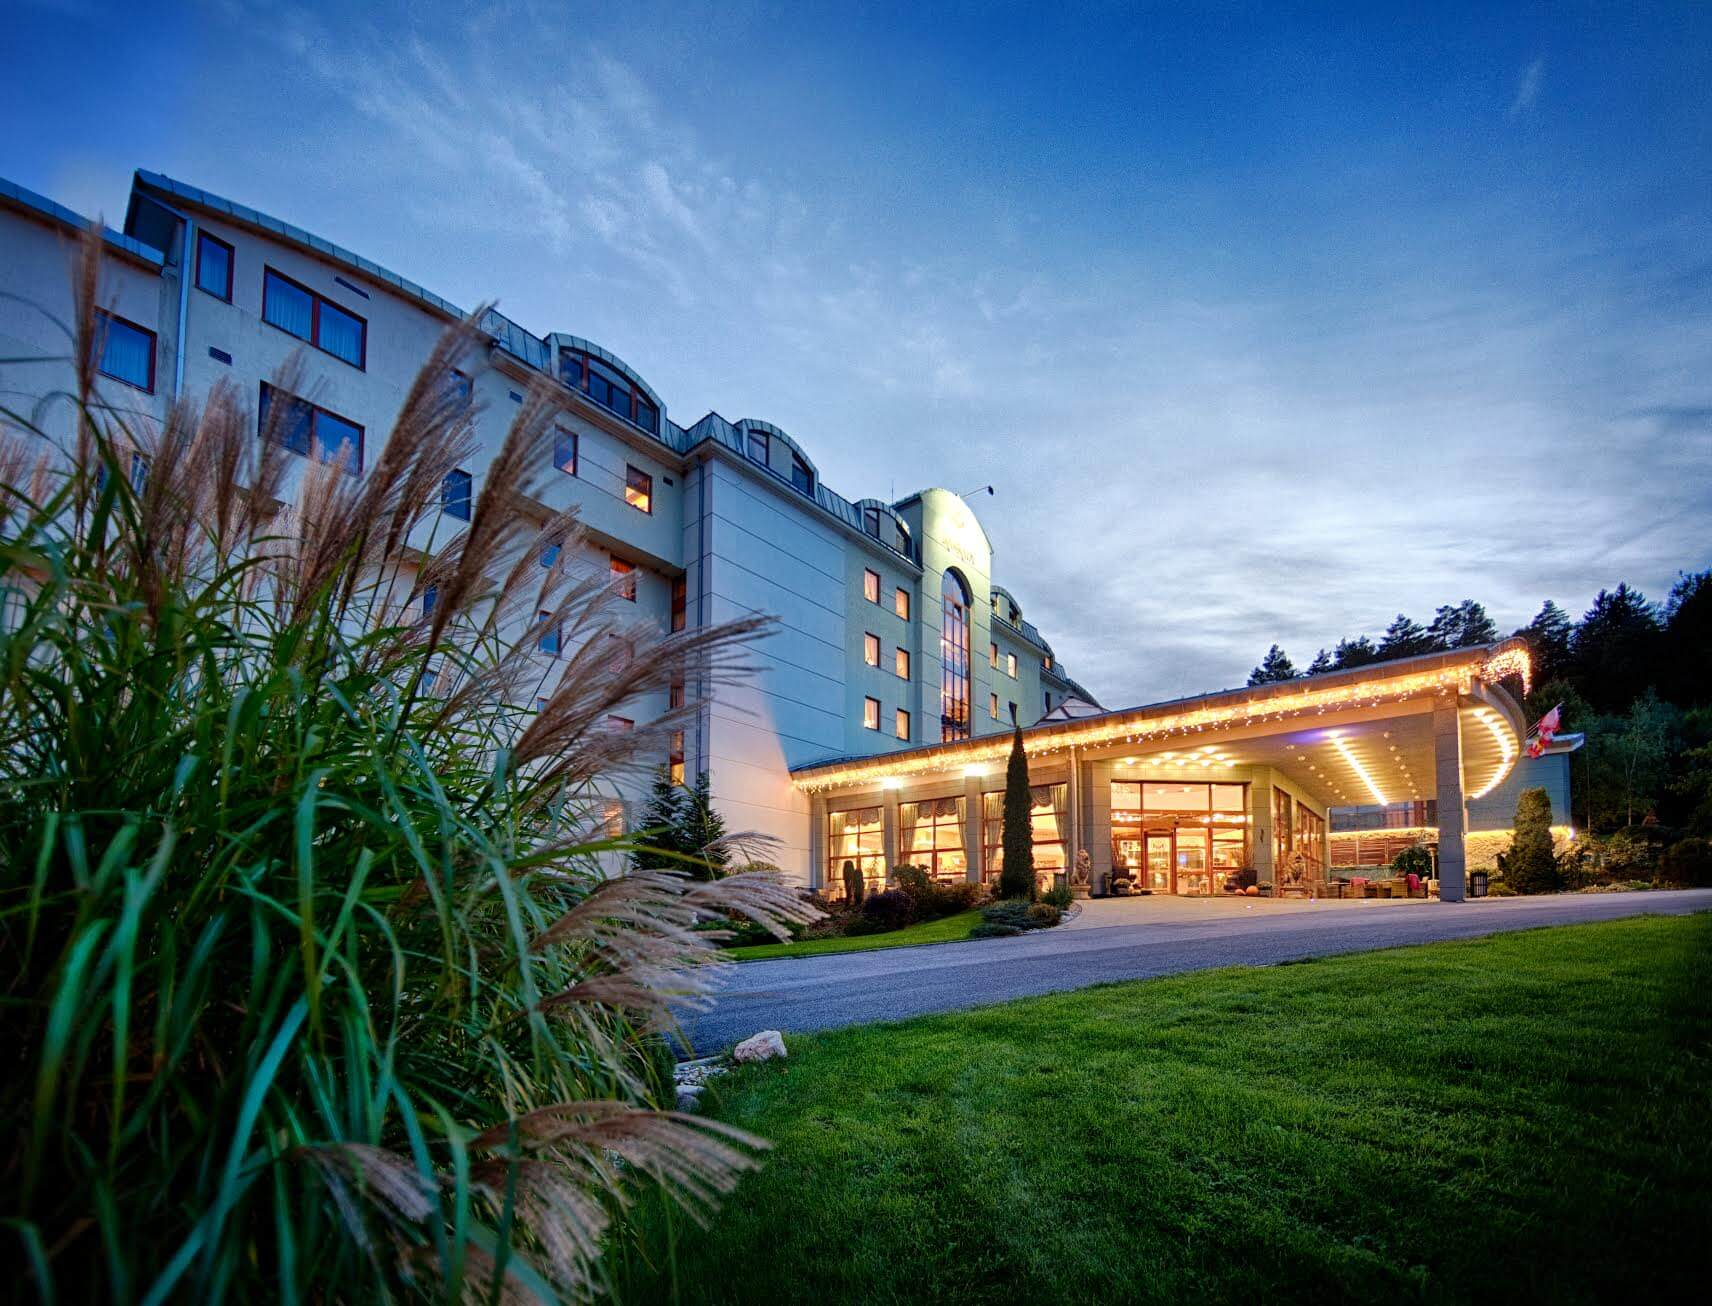 Hotel a Spa Resort Kaskady - hlavný vchod